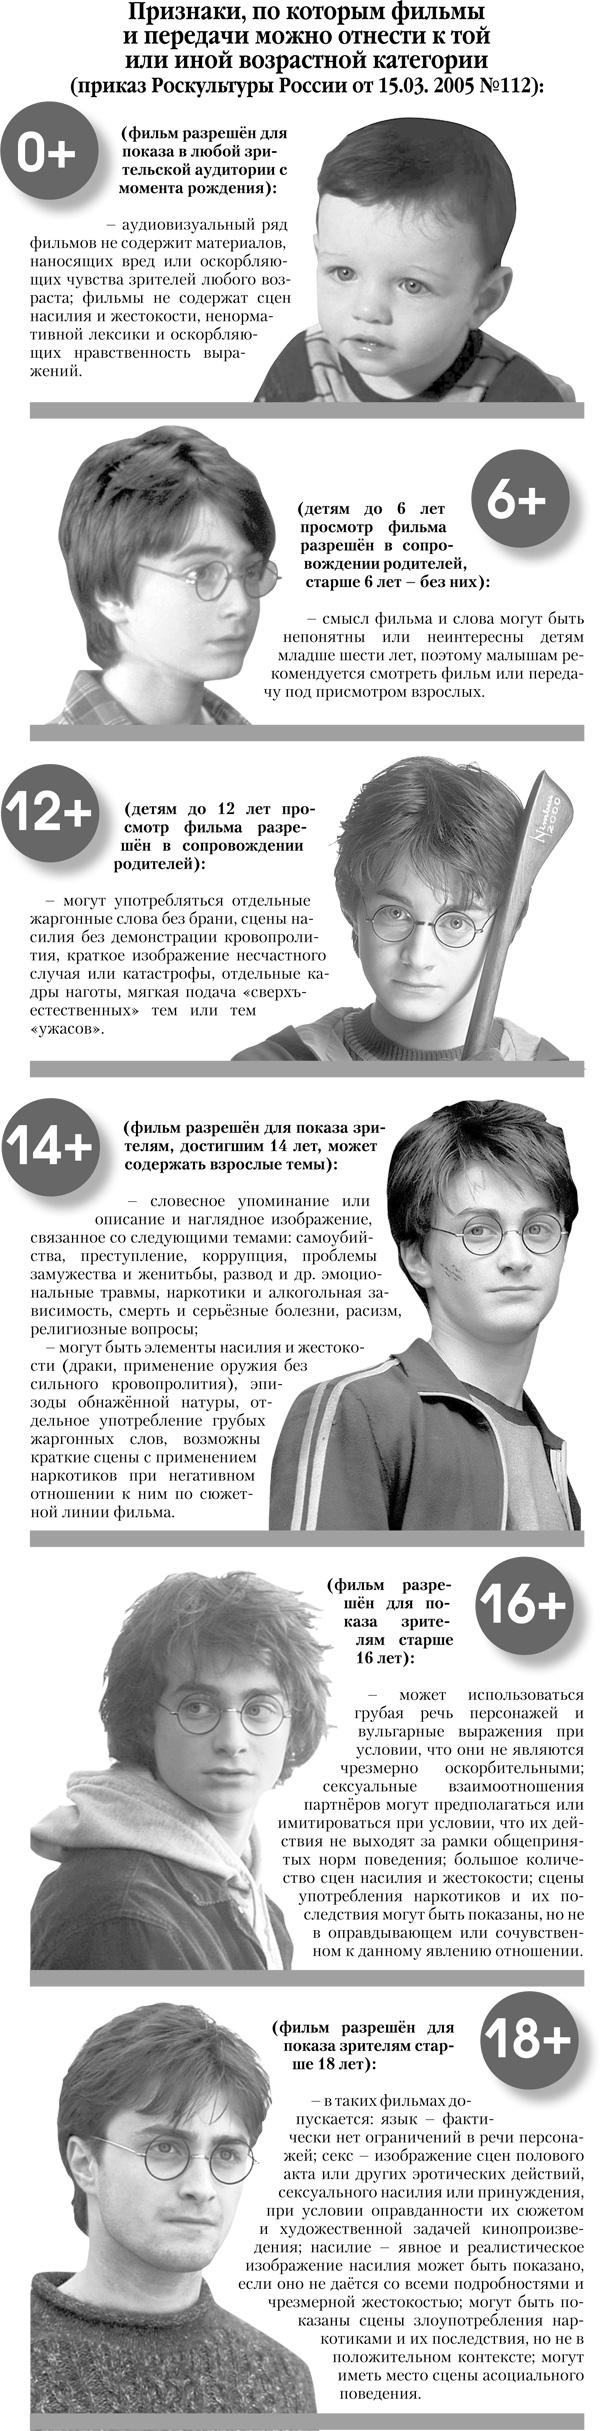 Система возрастных оценок кино и фильмов в России